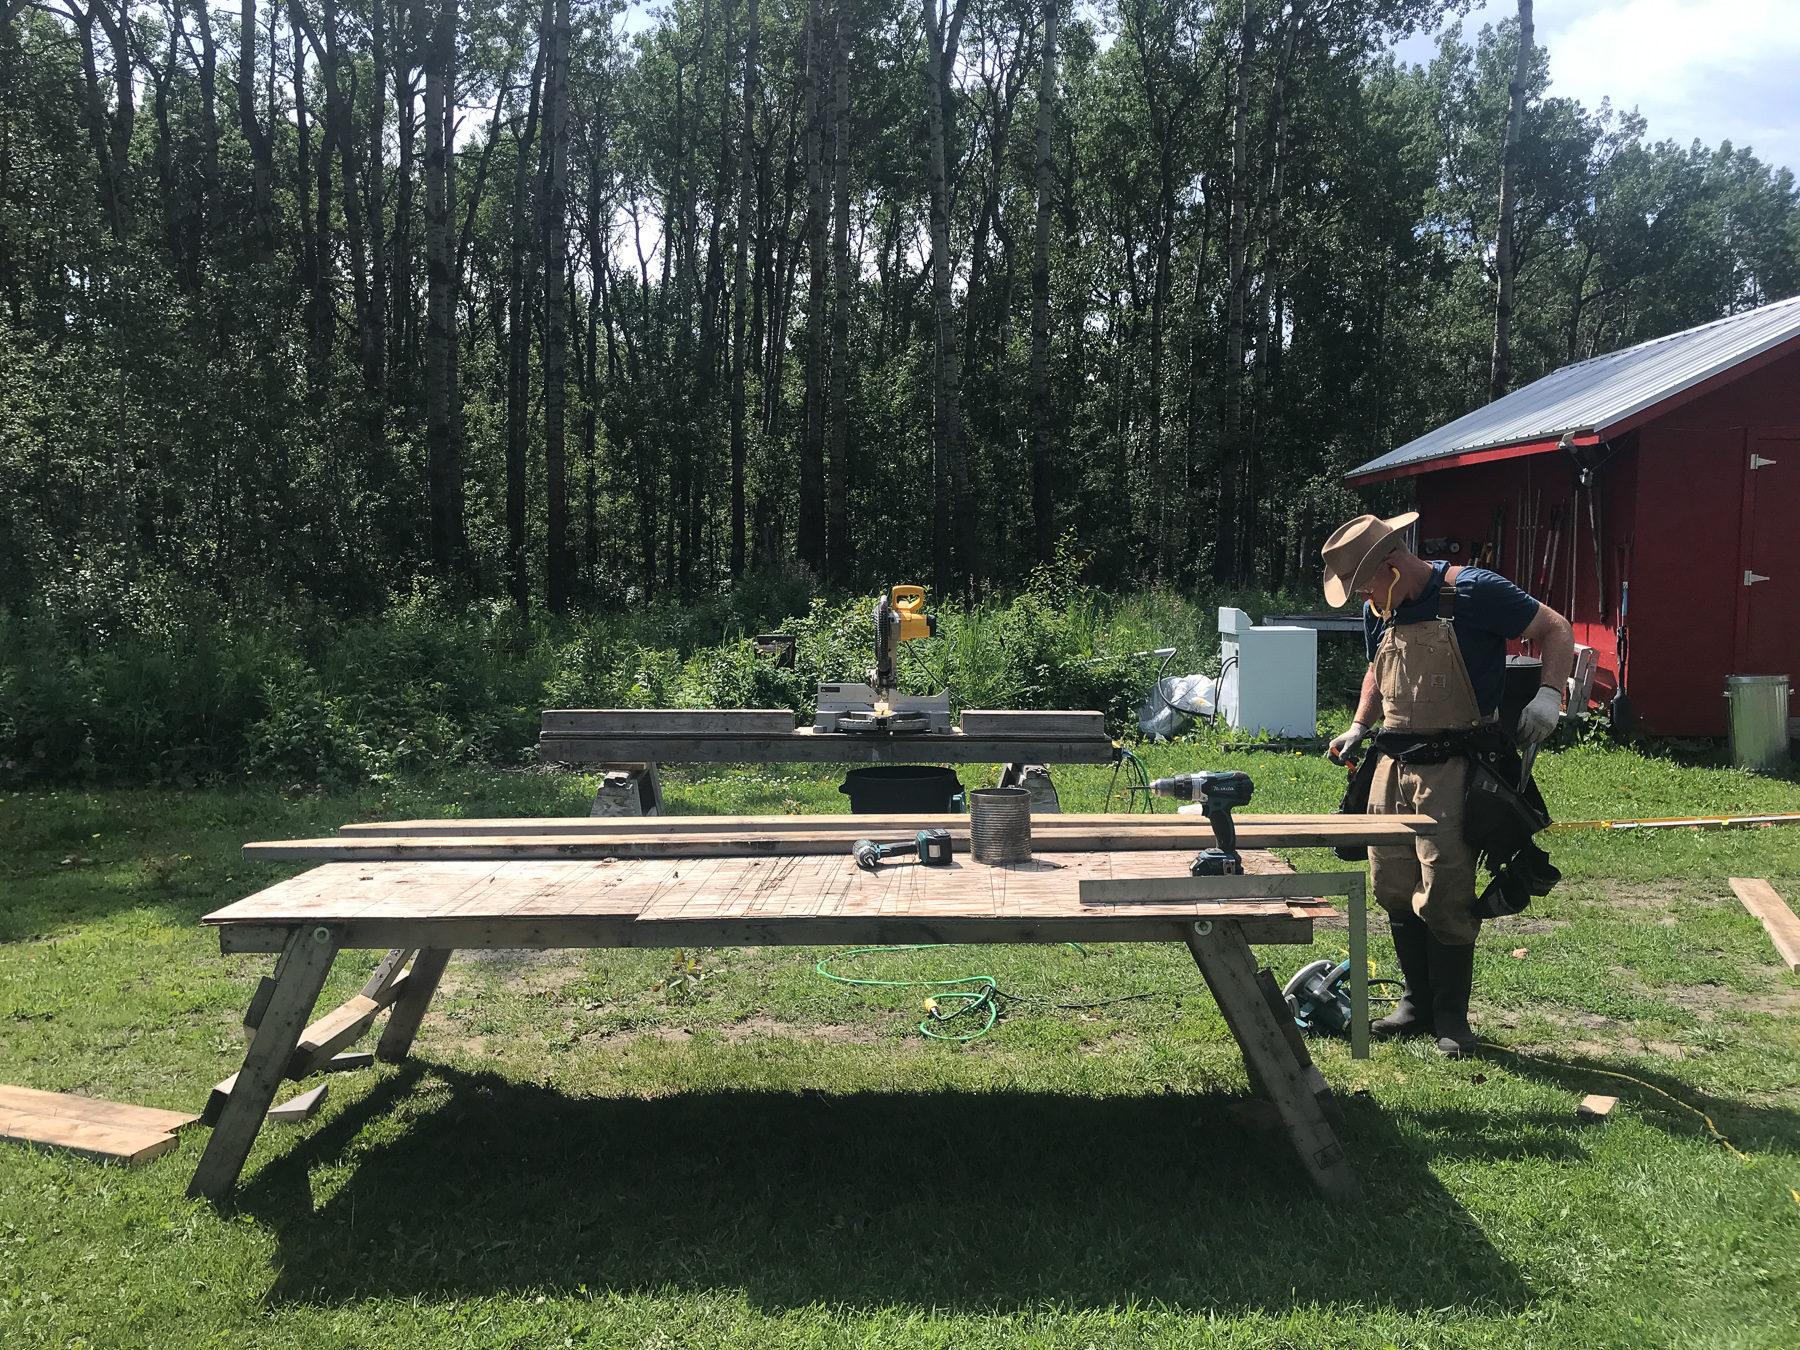 Guy has set up his outdoor workshop.